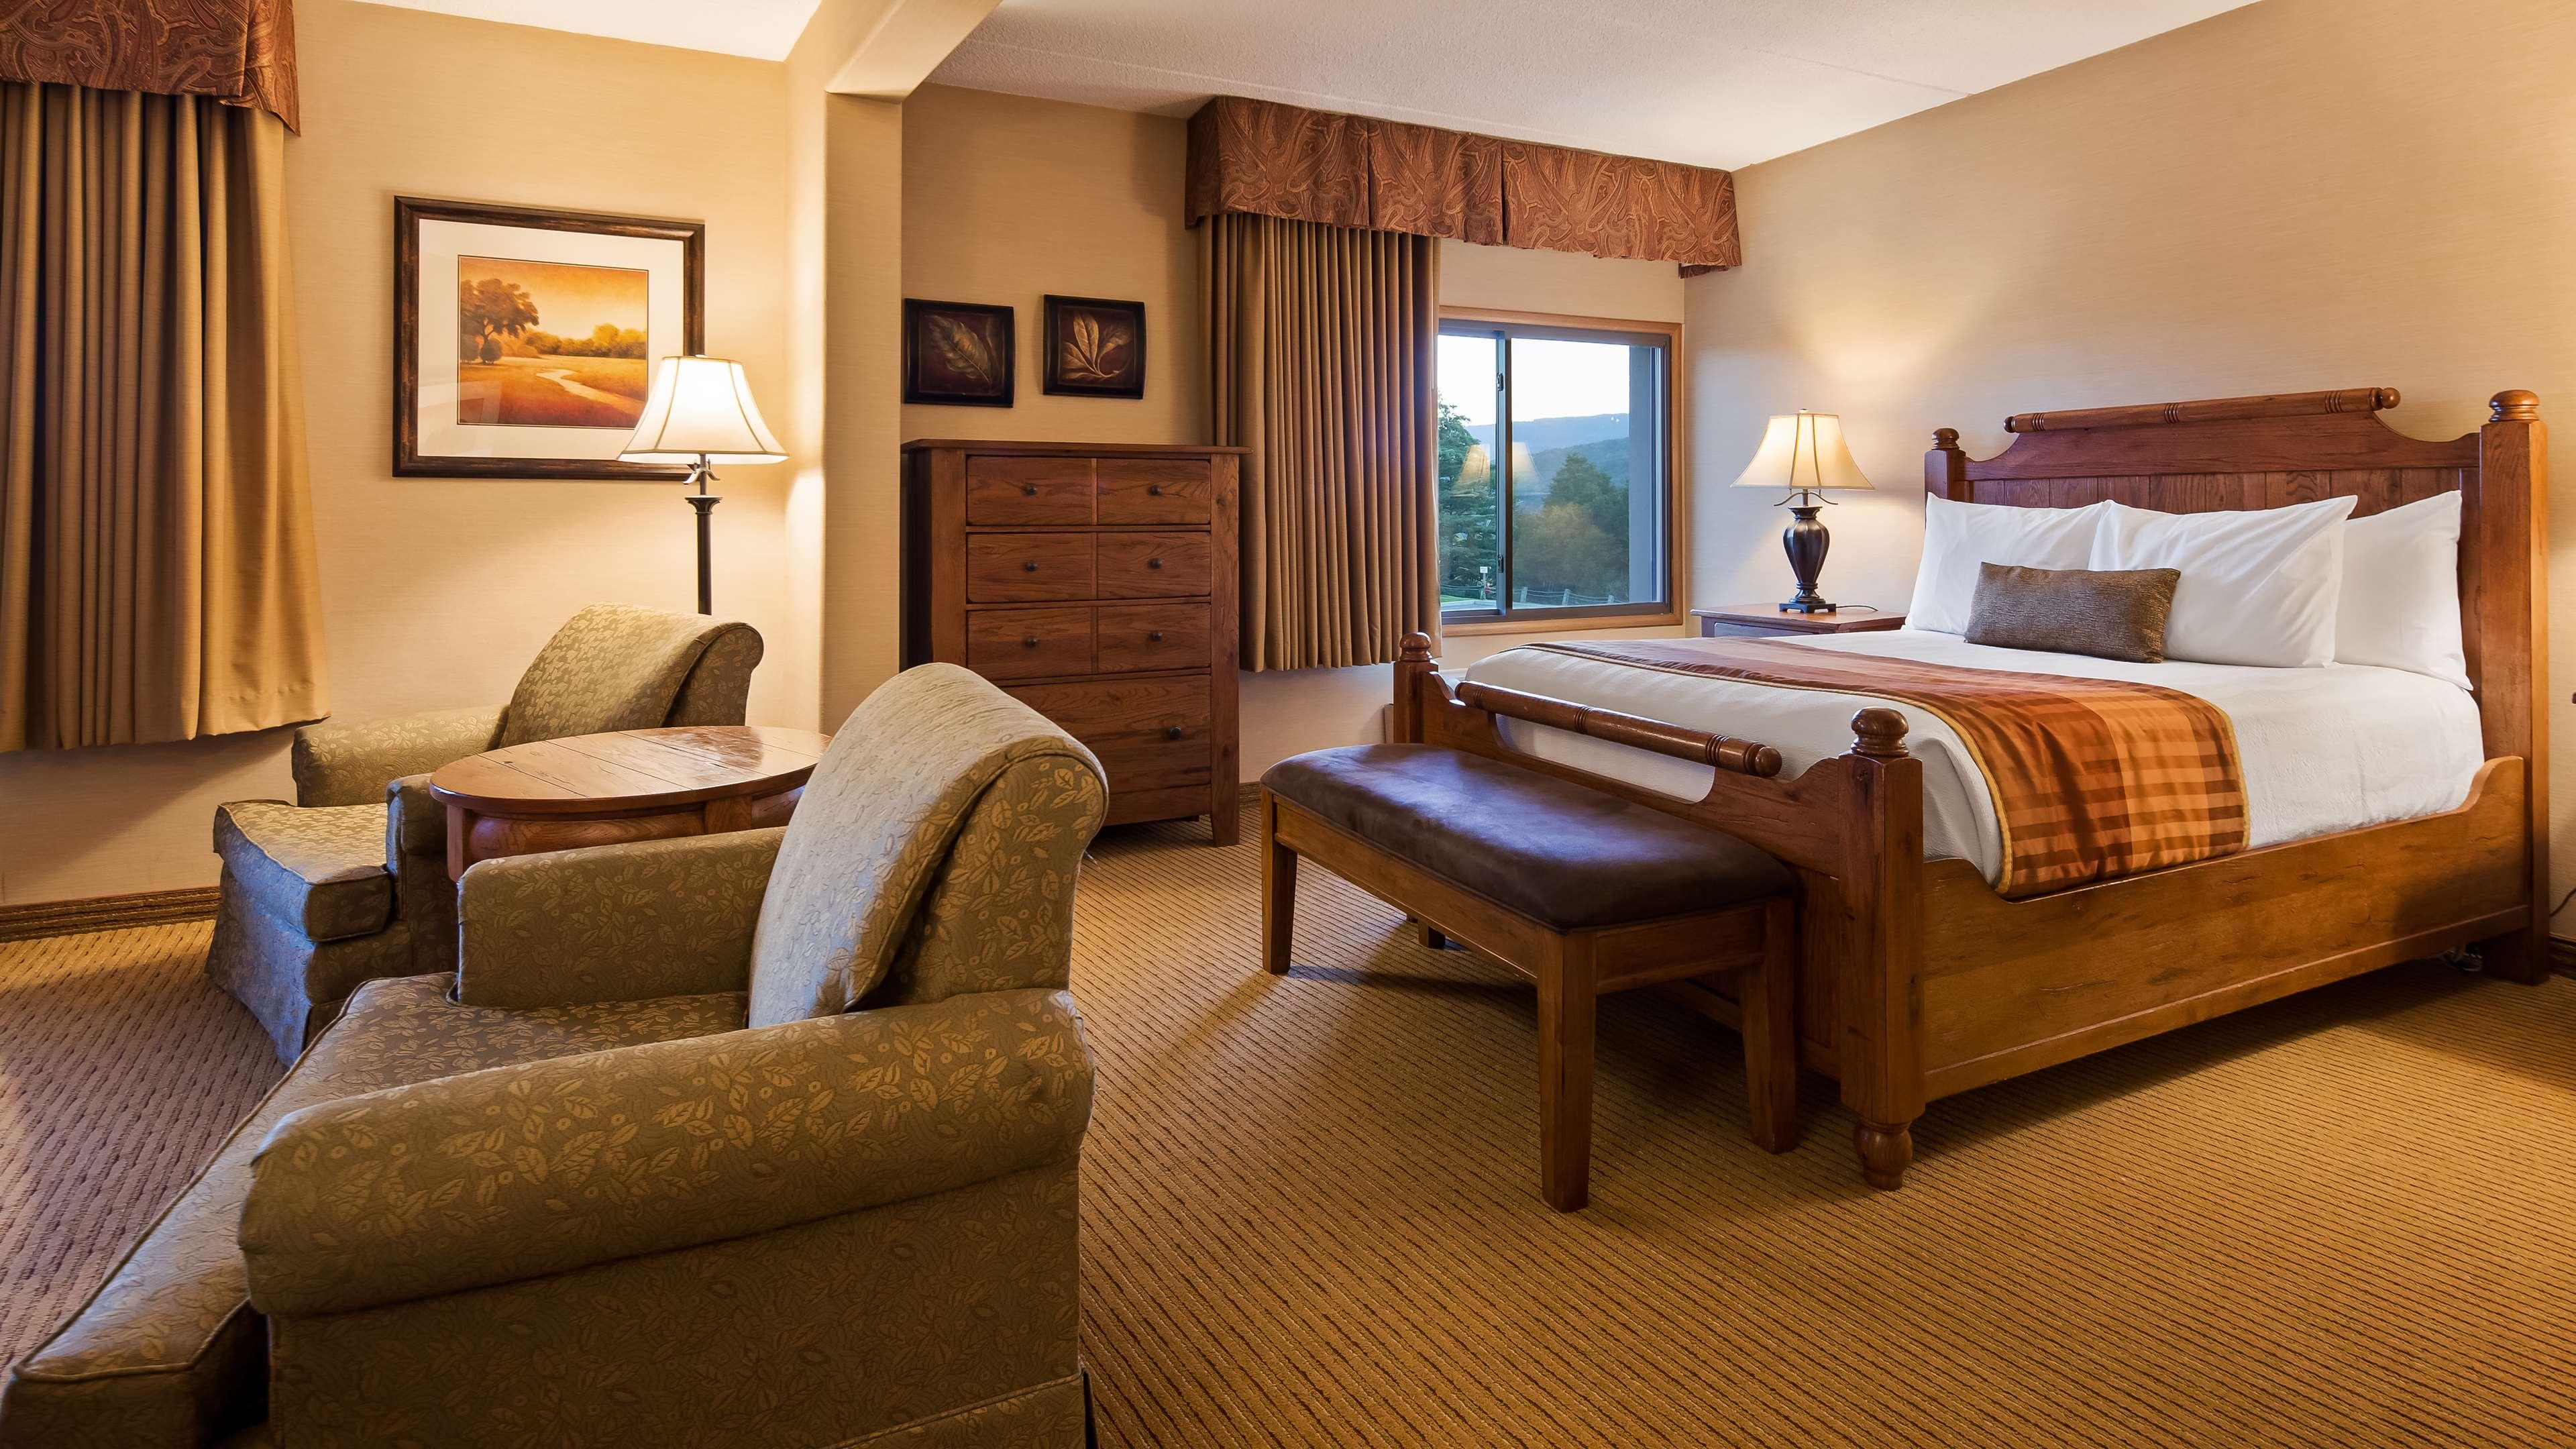 Marriott Hotels Near Stowe Vt